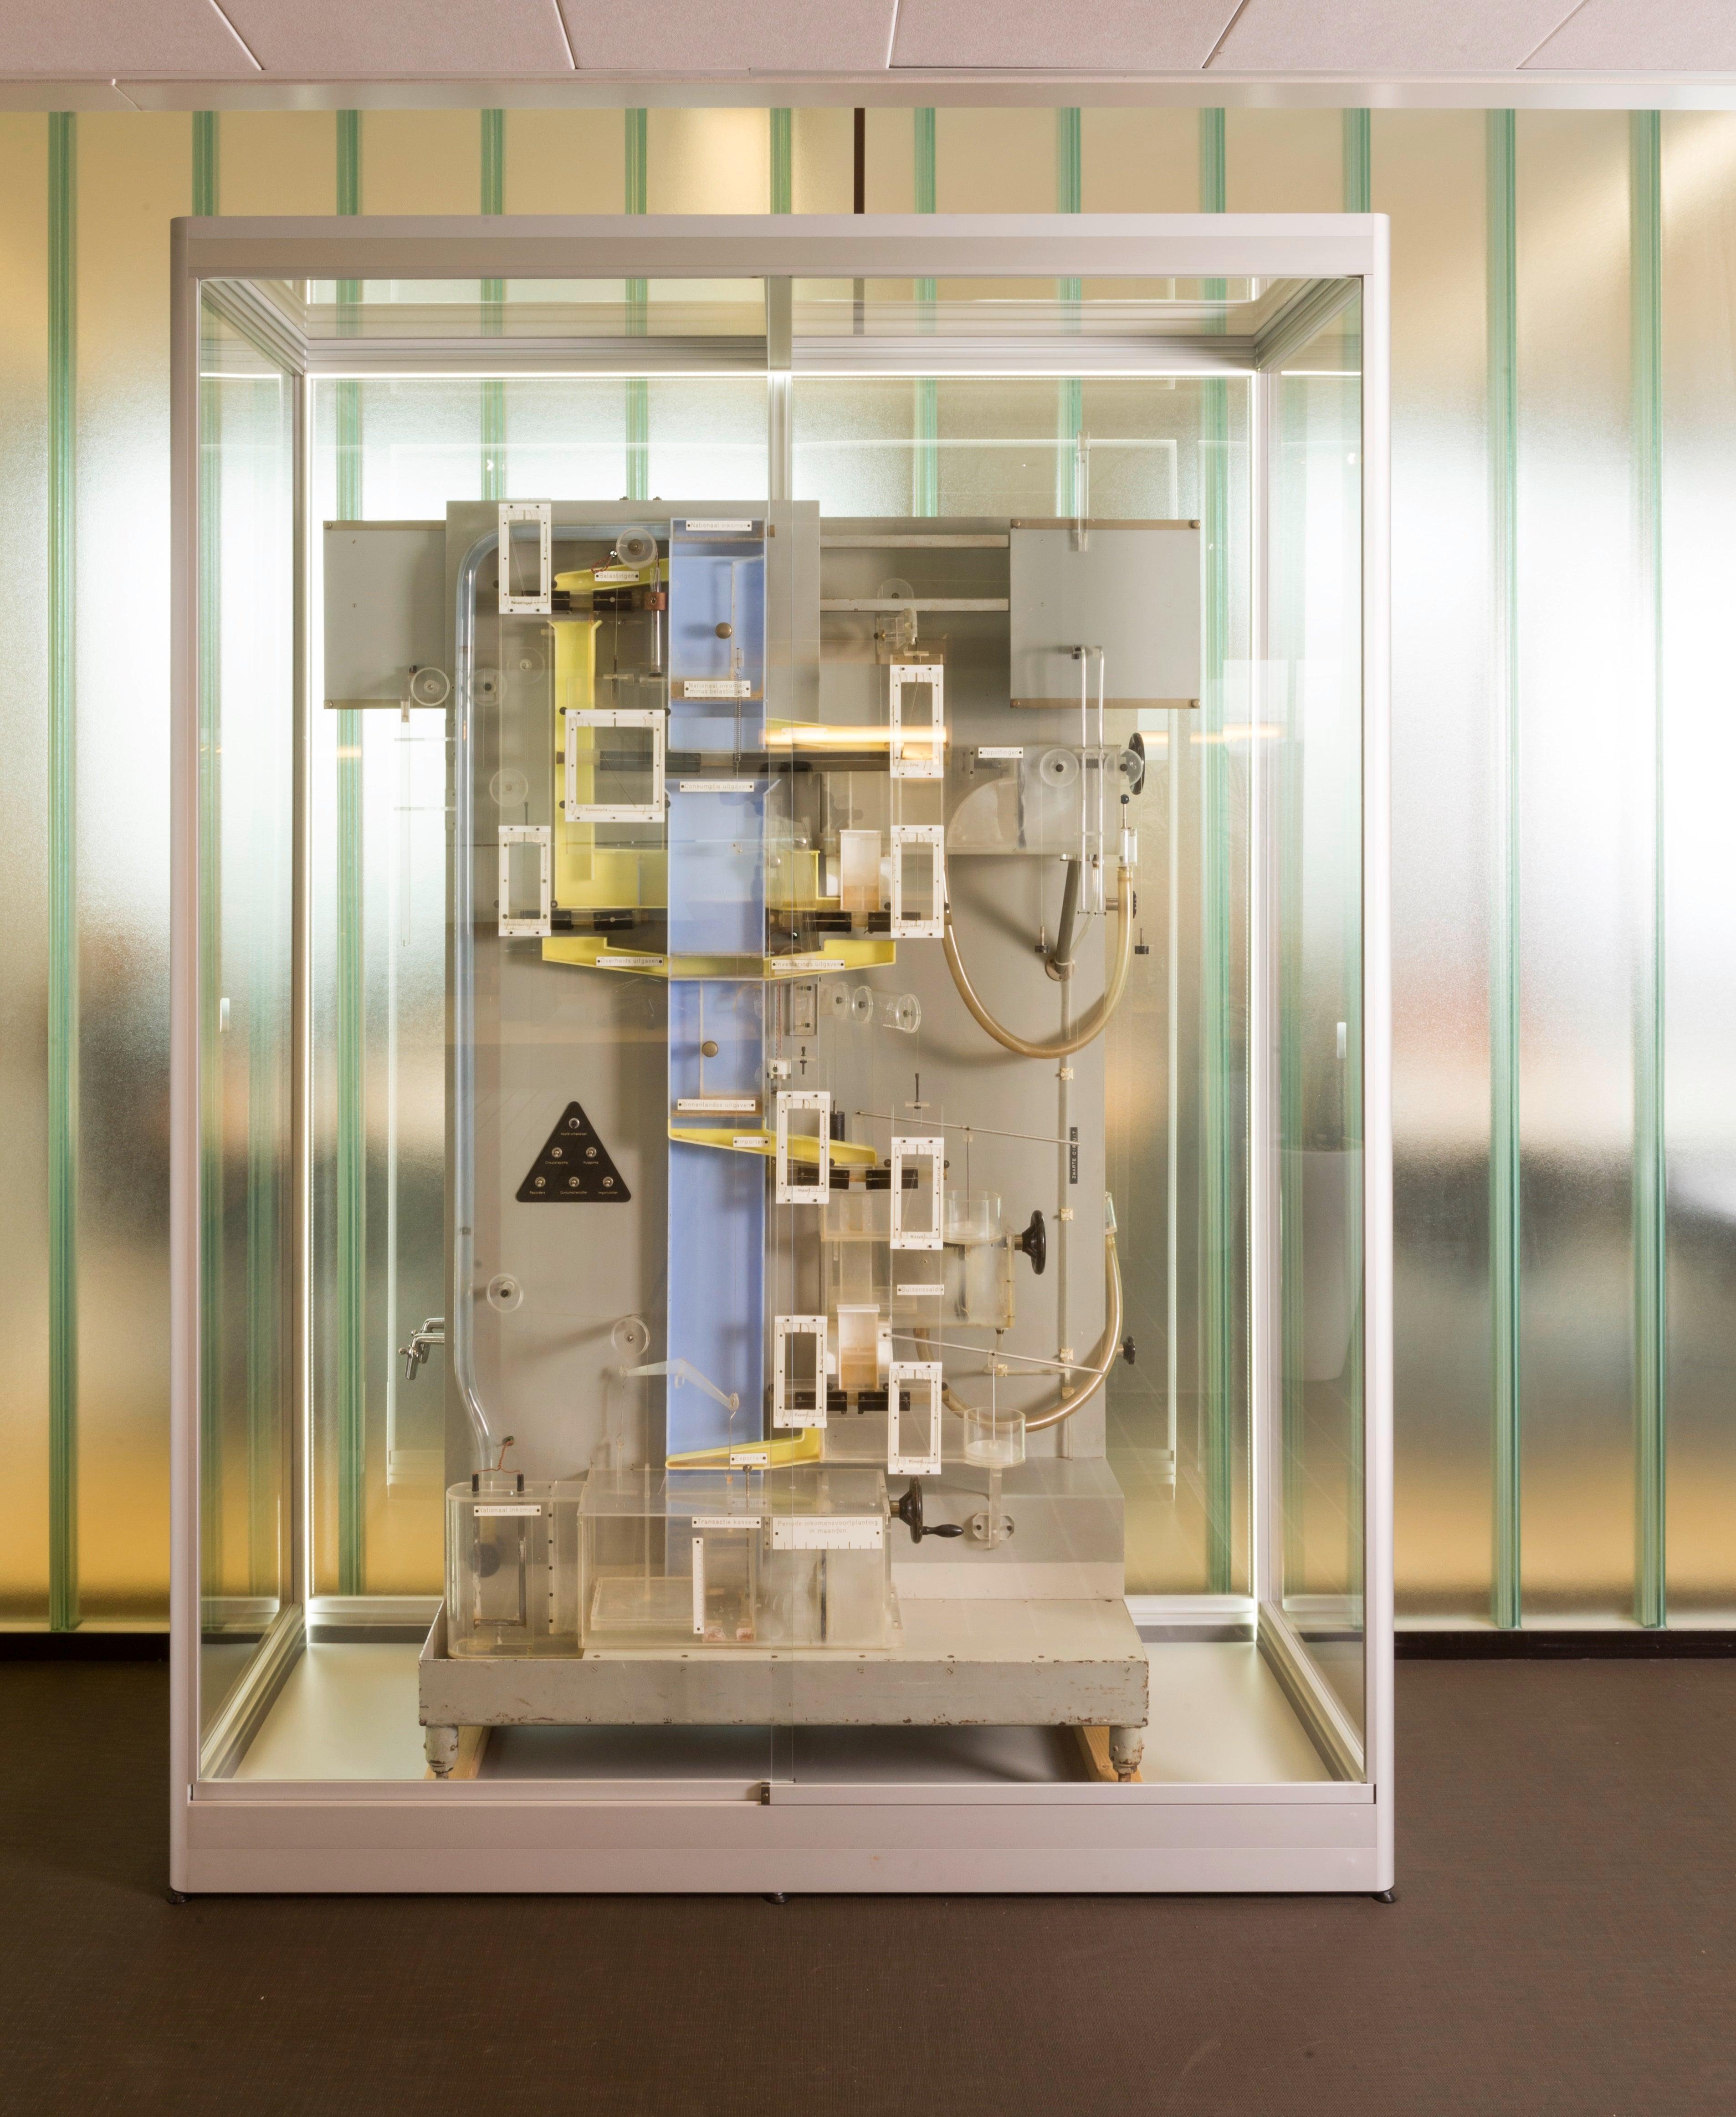 Machine in een vitrine tegen een witte achtergrond. De machine bestaat uit schuifjes, leidingen waardoor een circulair traject afgelegd kan worden met water om de circulaire economie te verbeelden.